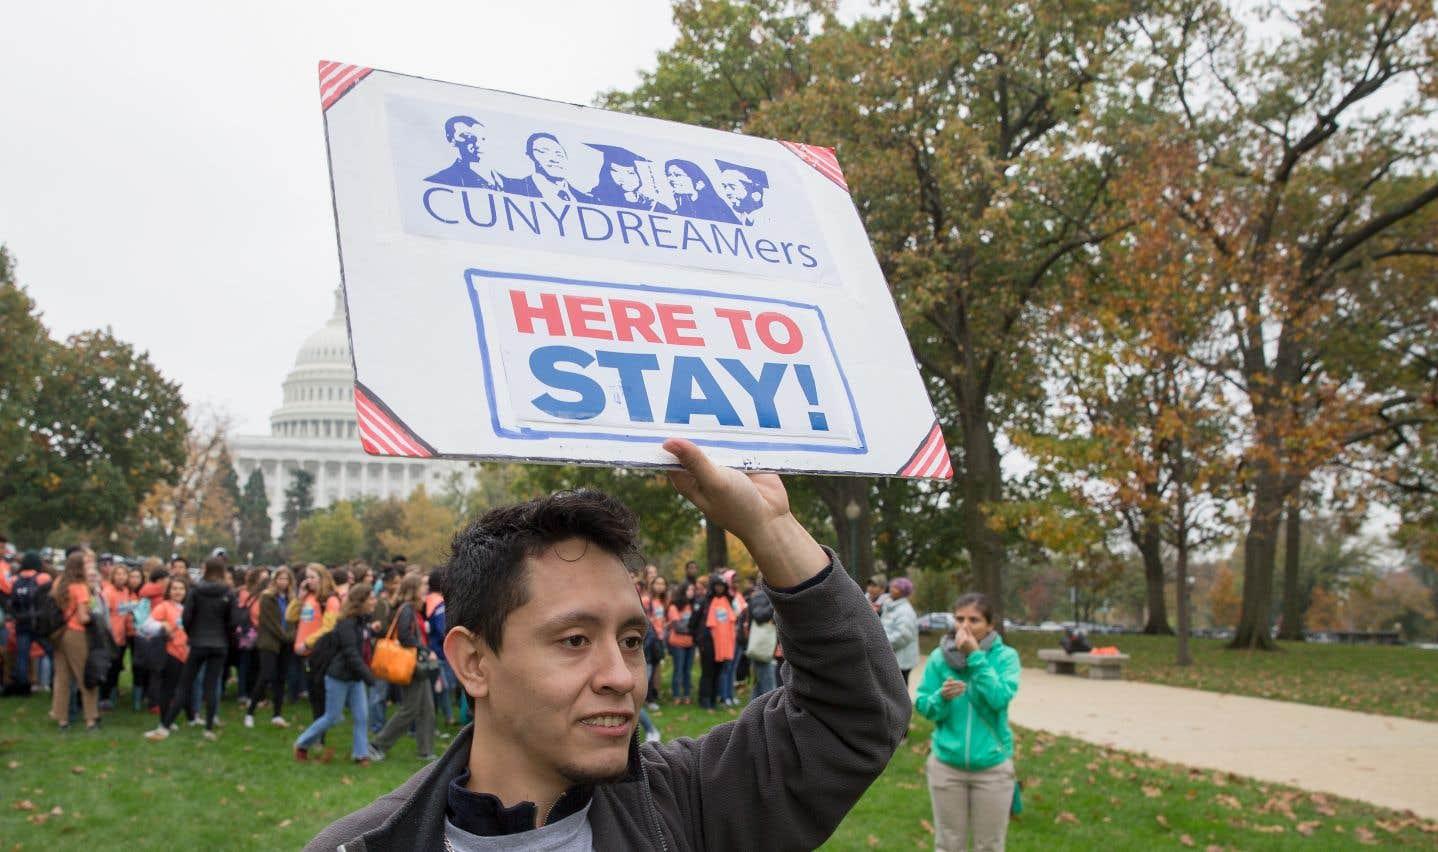 Au nombre de 690 000, les «Dreamers» sont actuellement protégés par un programme mis en place par Barack Obama.